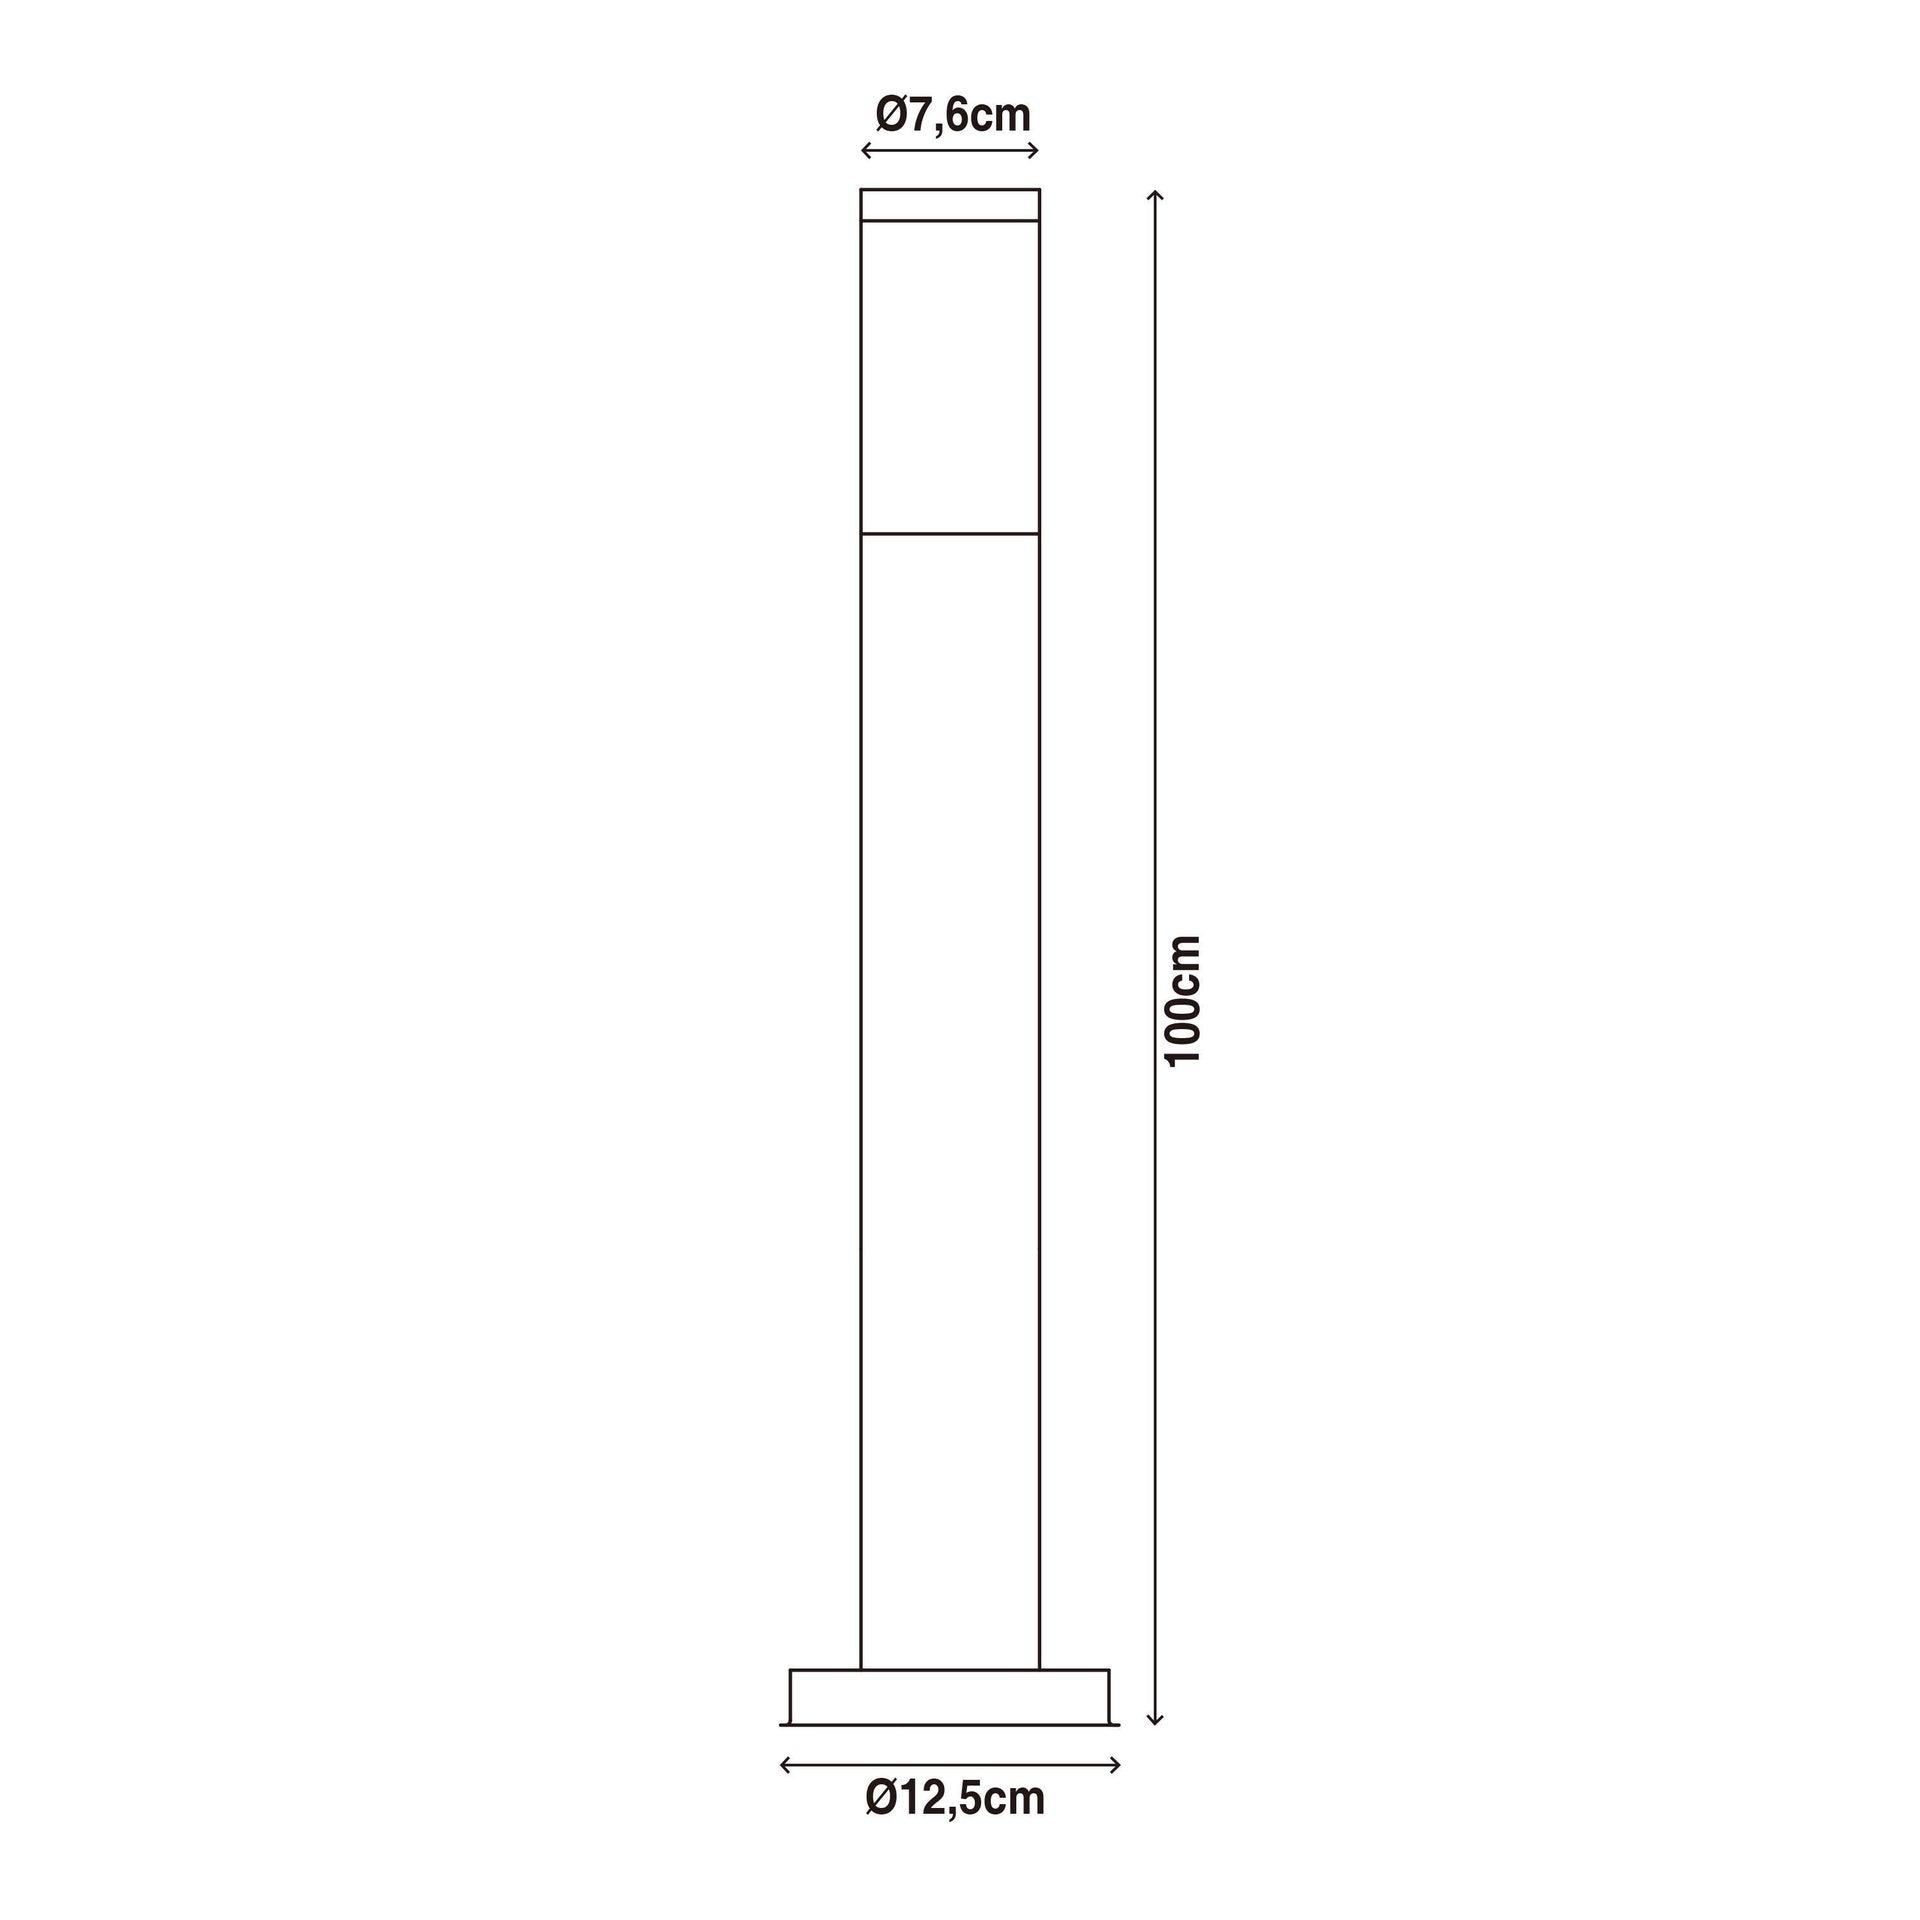 Lampione Travis H100.0 cm in acciaio inossidabile, nero, E27 1x MAX 40W IP44 INSPIRE - 2